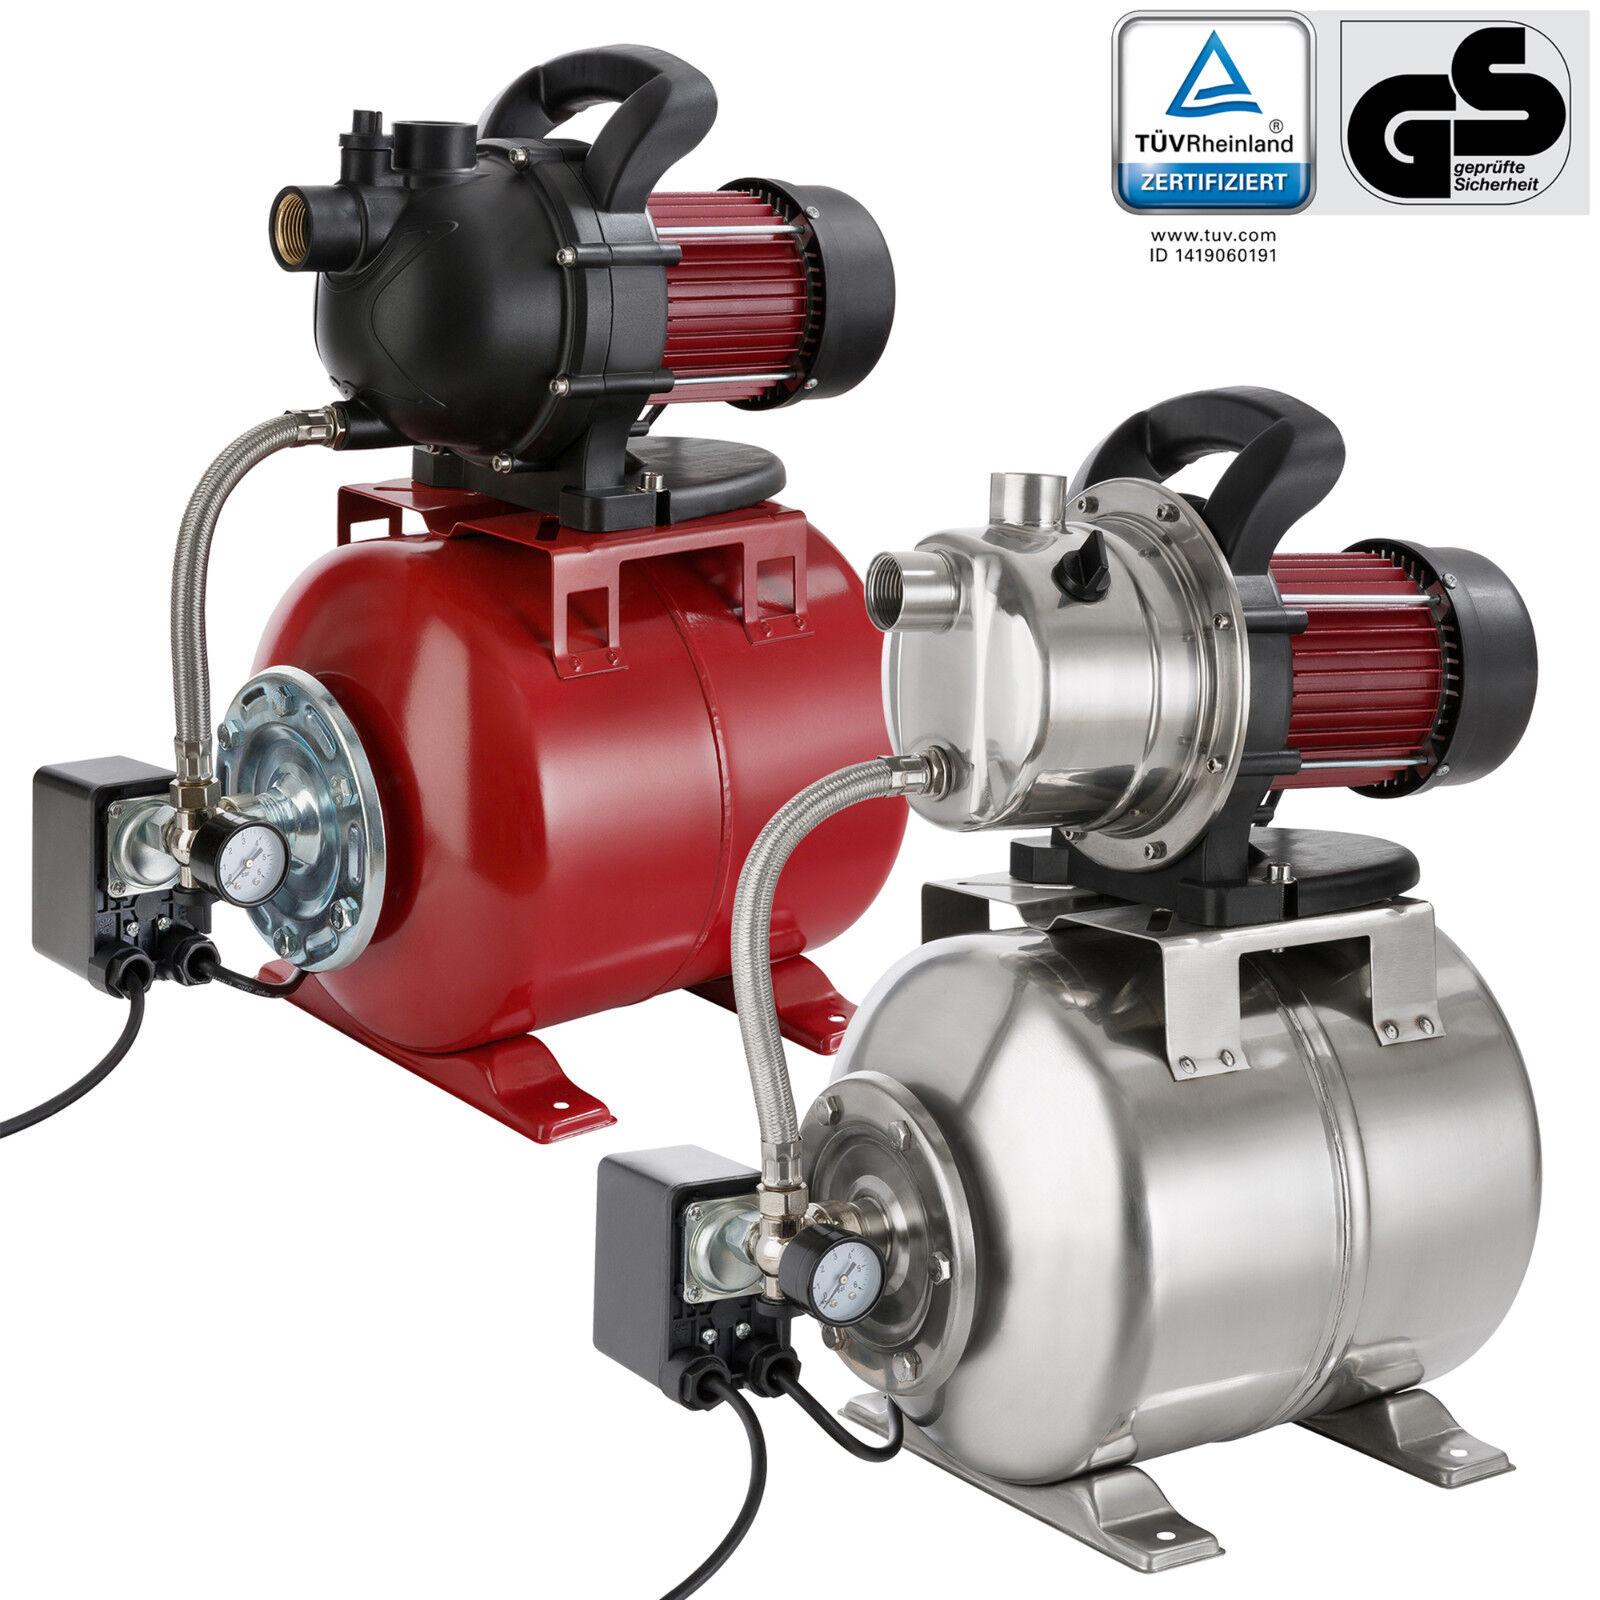 AREBOS Hauswasserwerk Gartenpumpe Wasserpumpe Pumpe 1000W /1200W 3500 - 3800 l/h